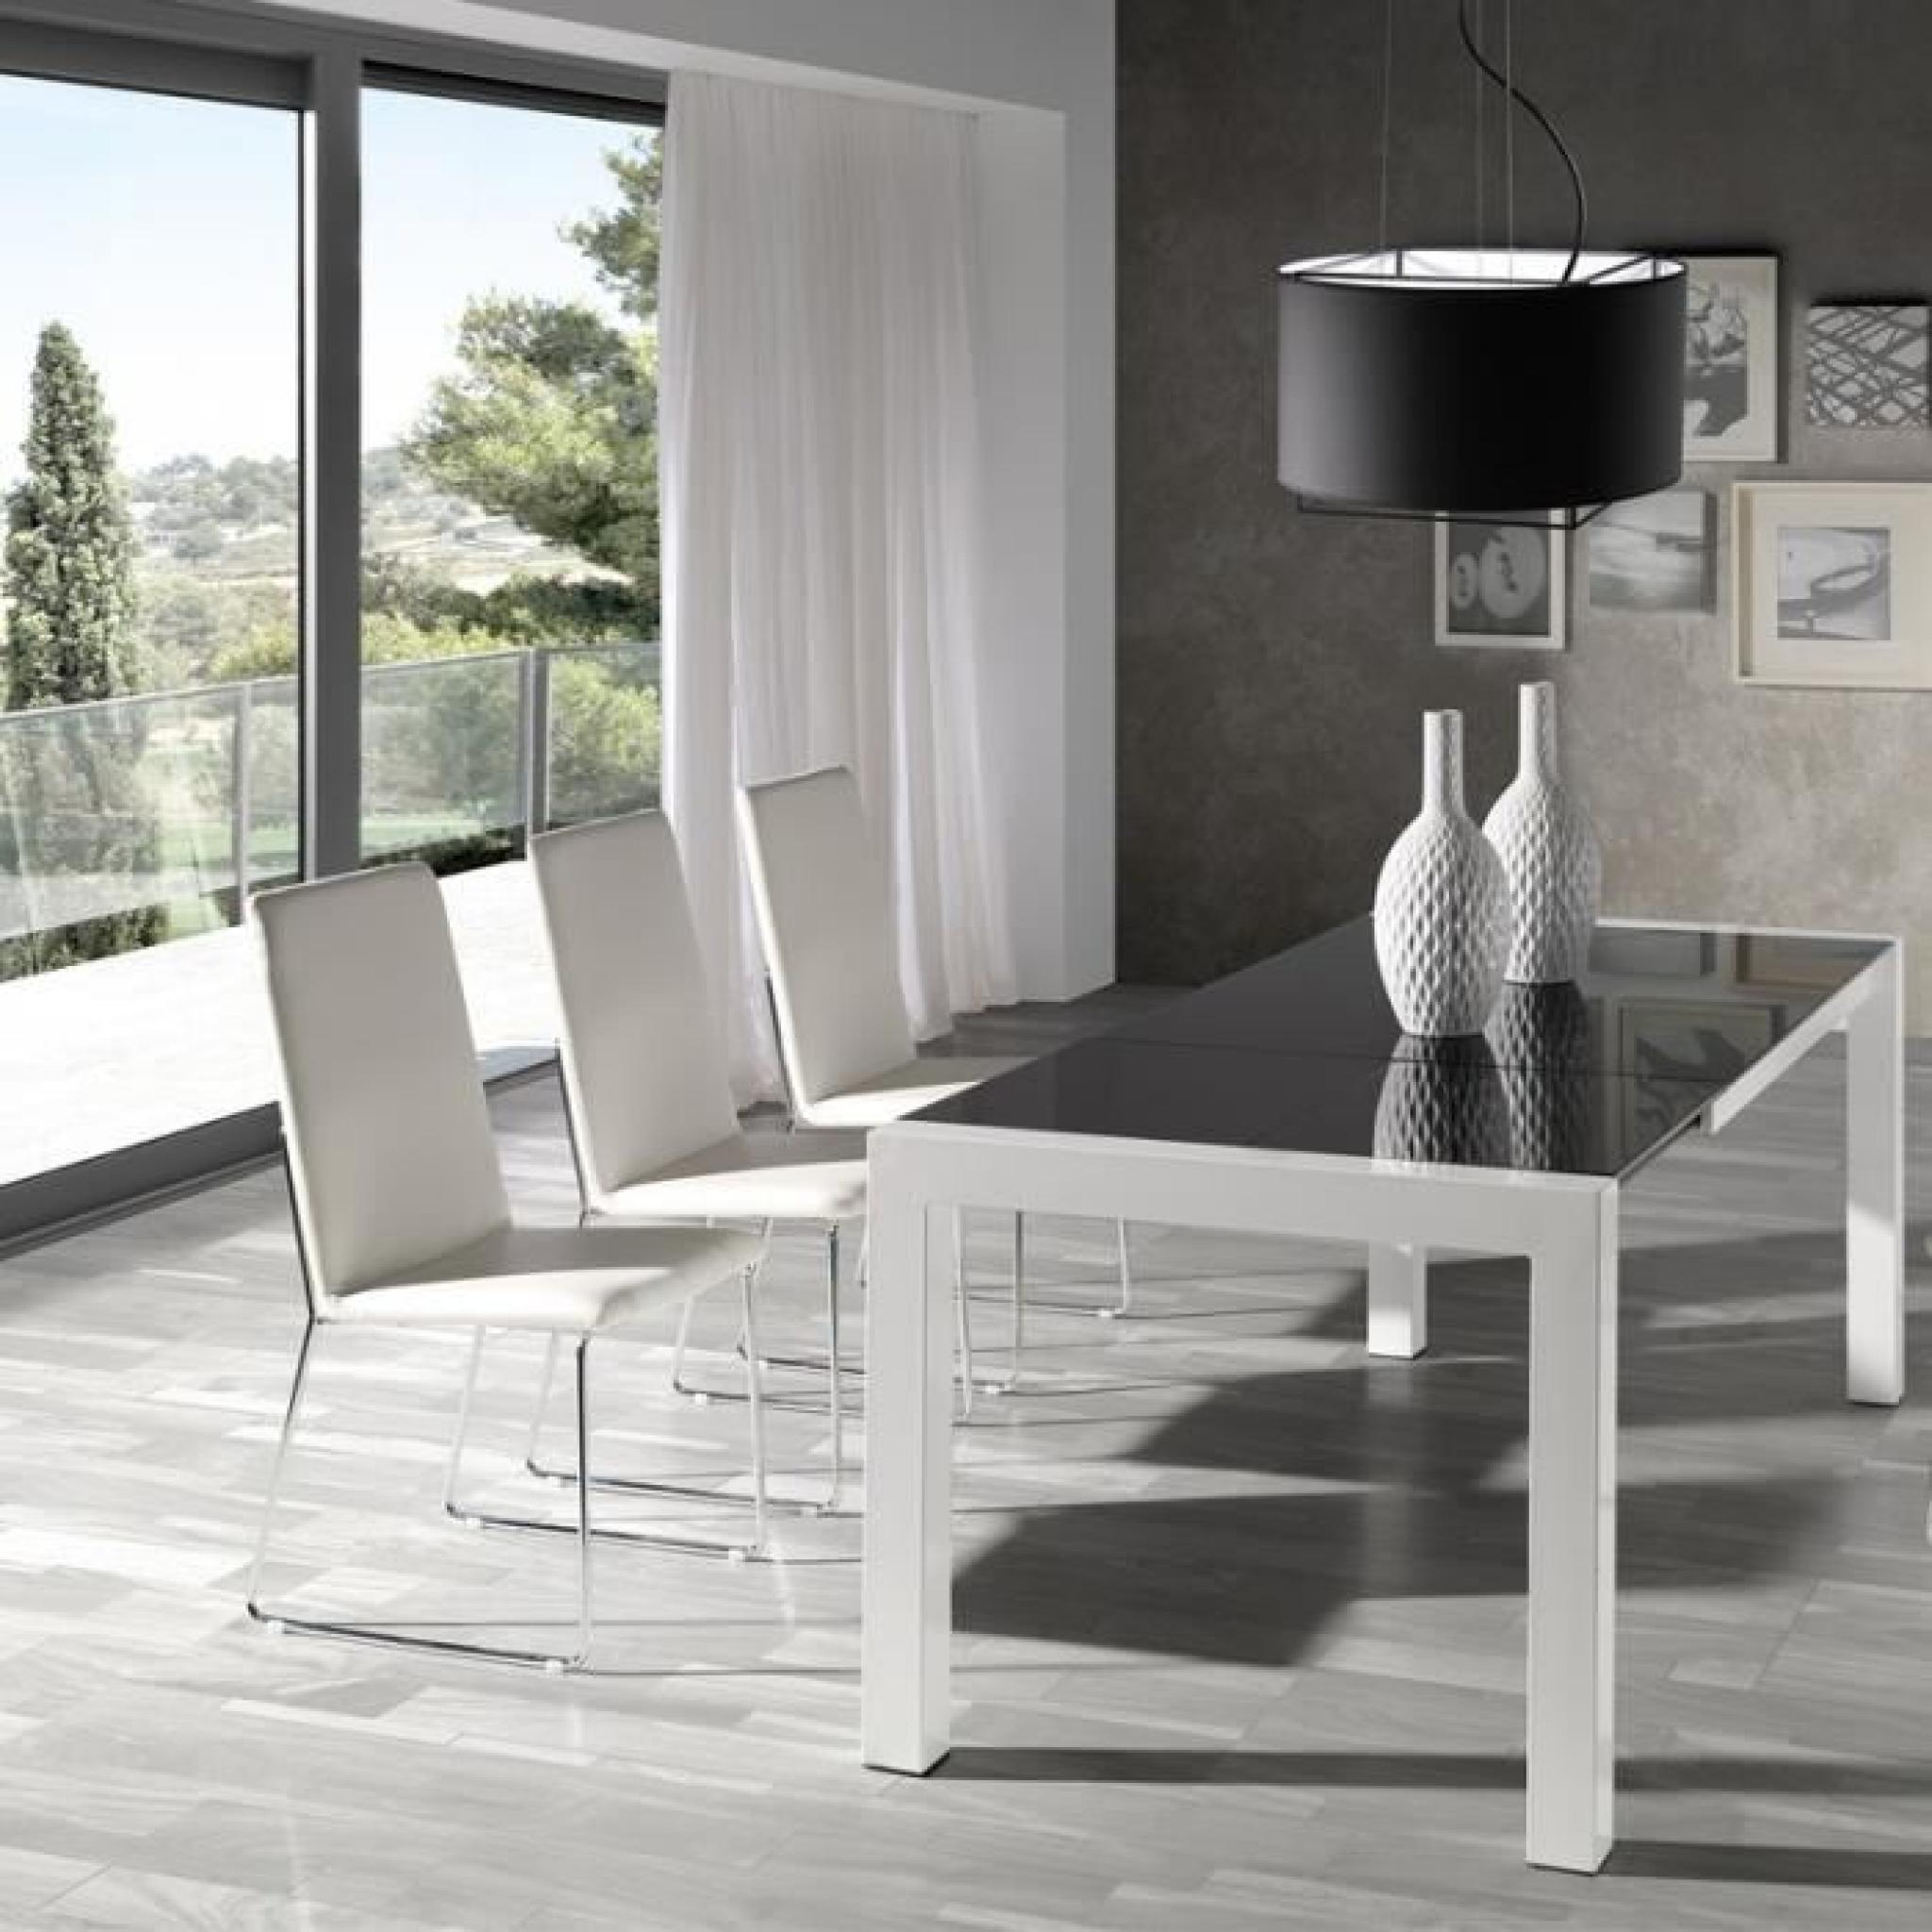 #6B715A Quatuor De Chaises PU Blanc TURIN Achat/Vente Chaise  4159 vente salle a manger pas cher 2048x2048 px @ aertt.com